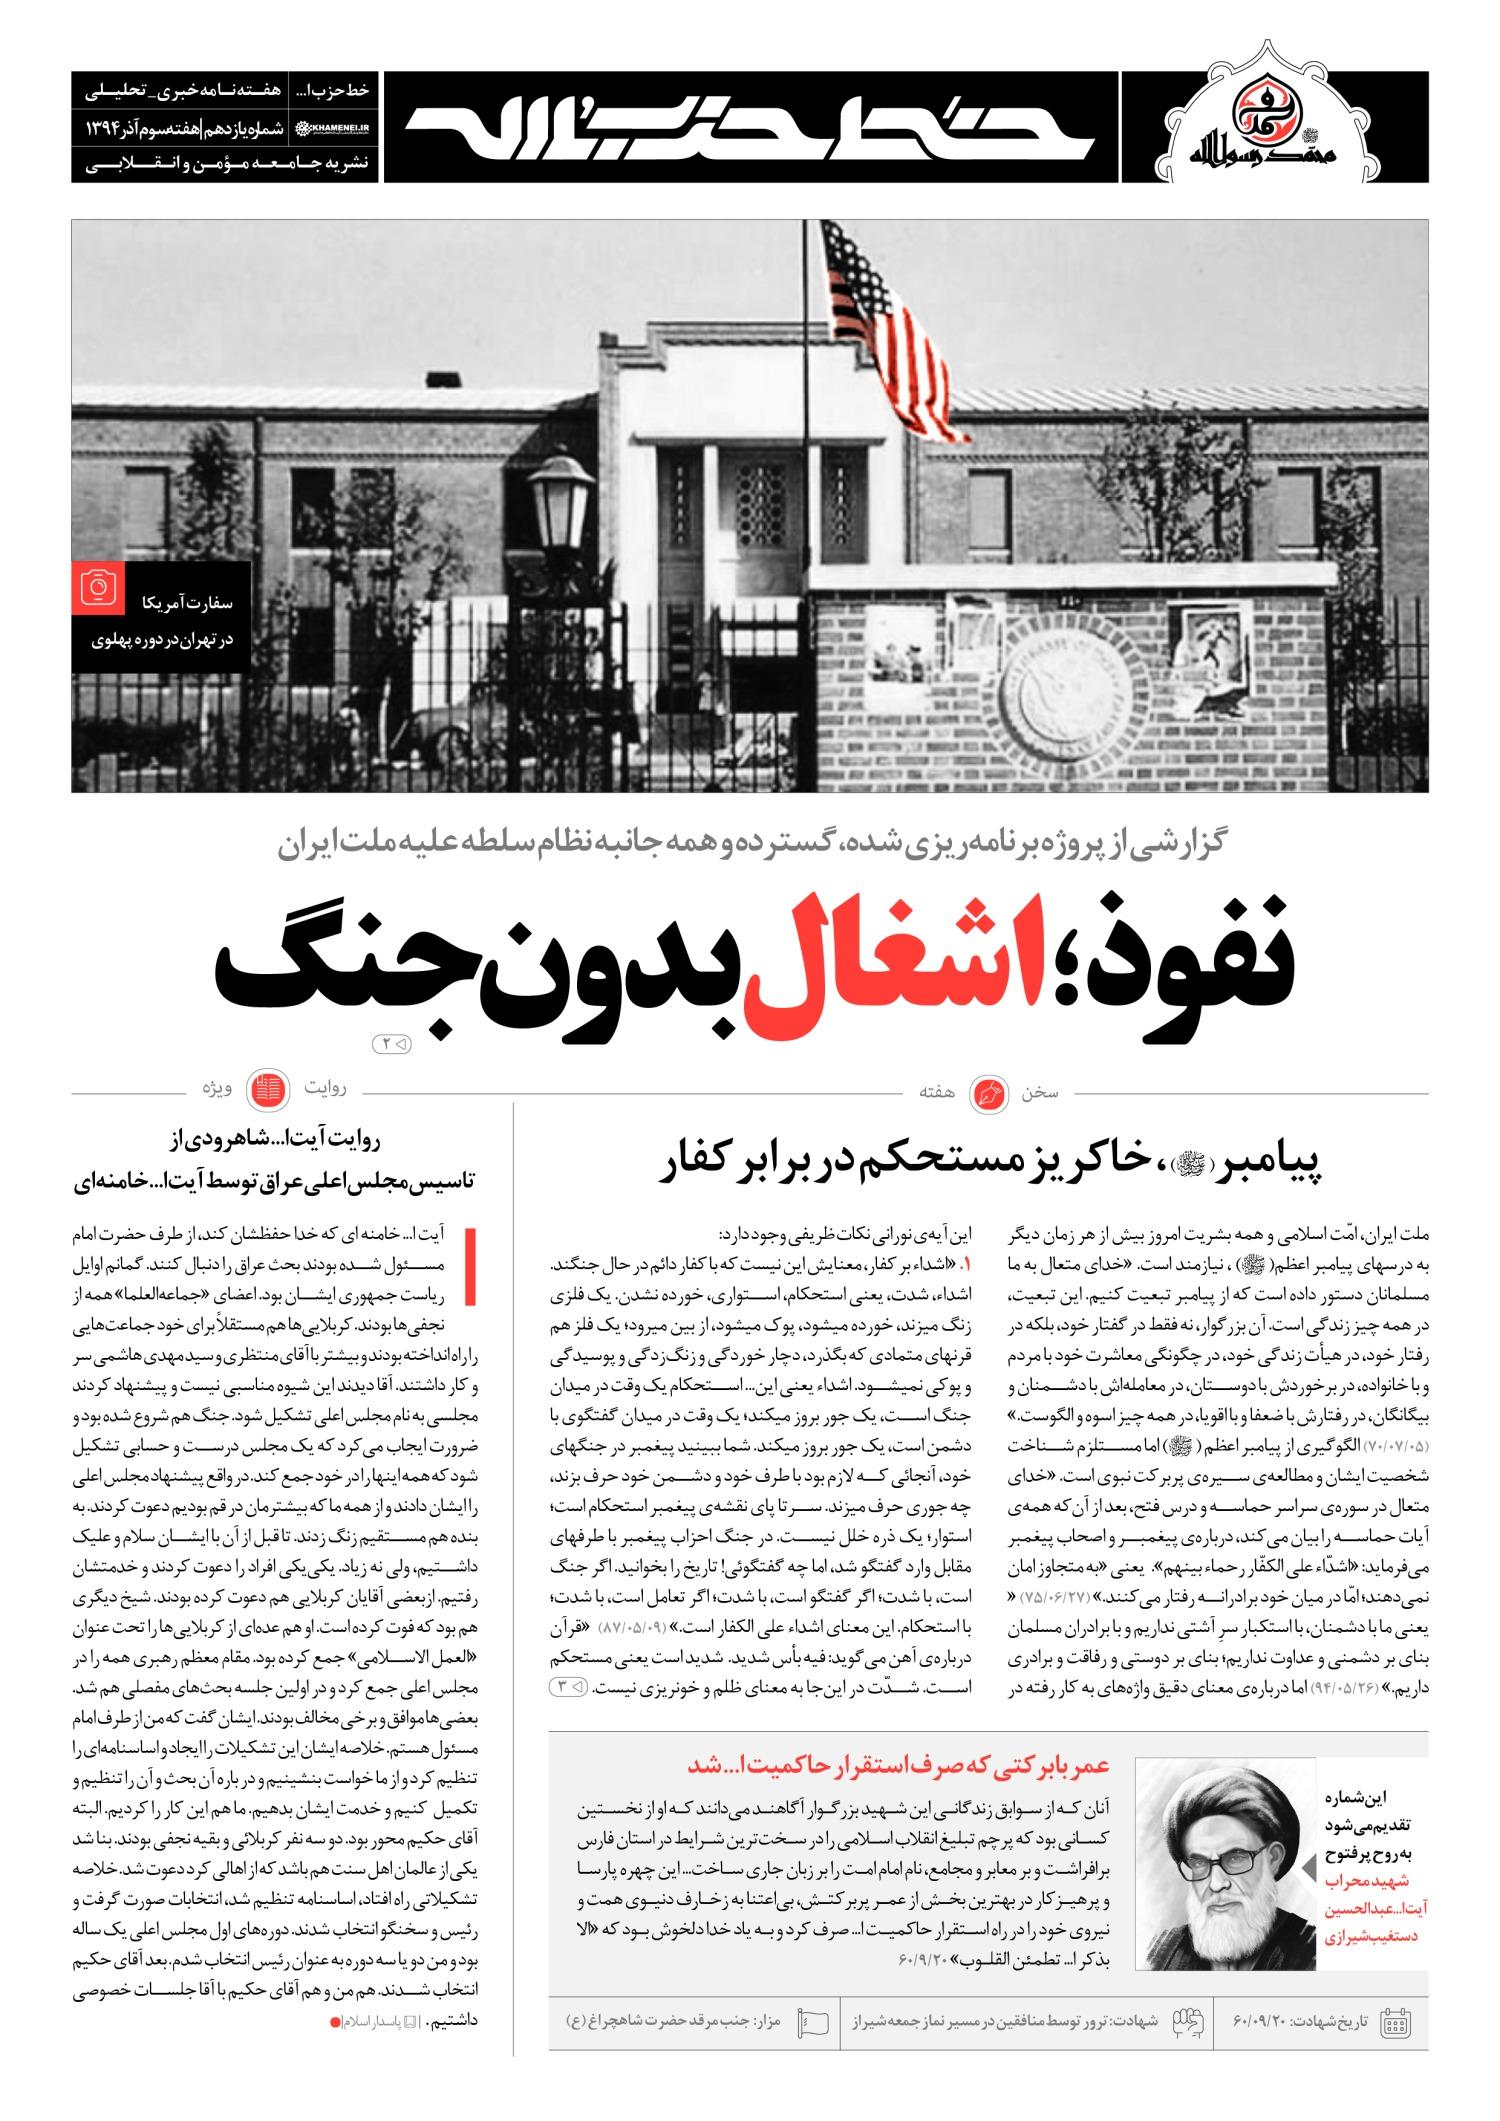 خط حزب الله -شماره پنجم خط حزب الله -شماره یازدهم page large 11 1